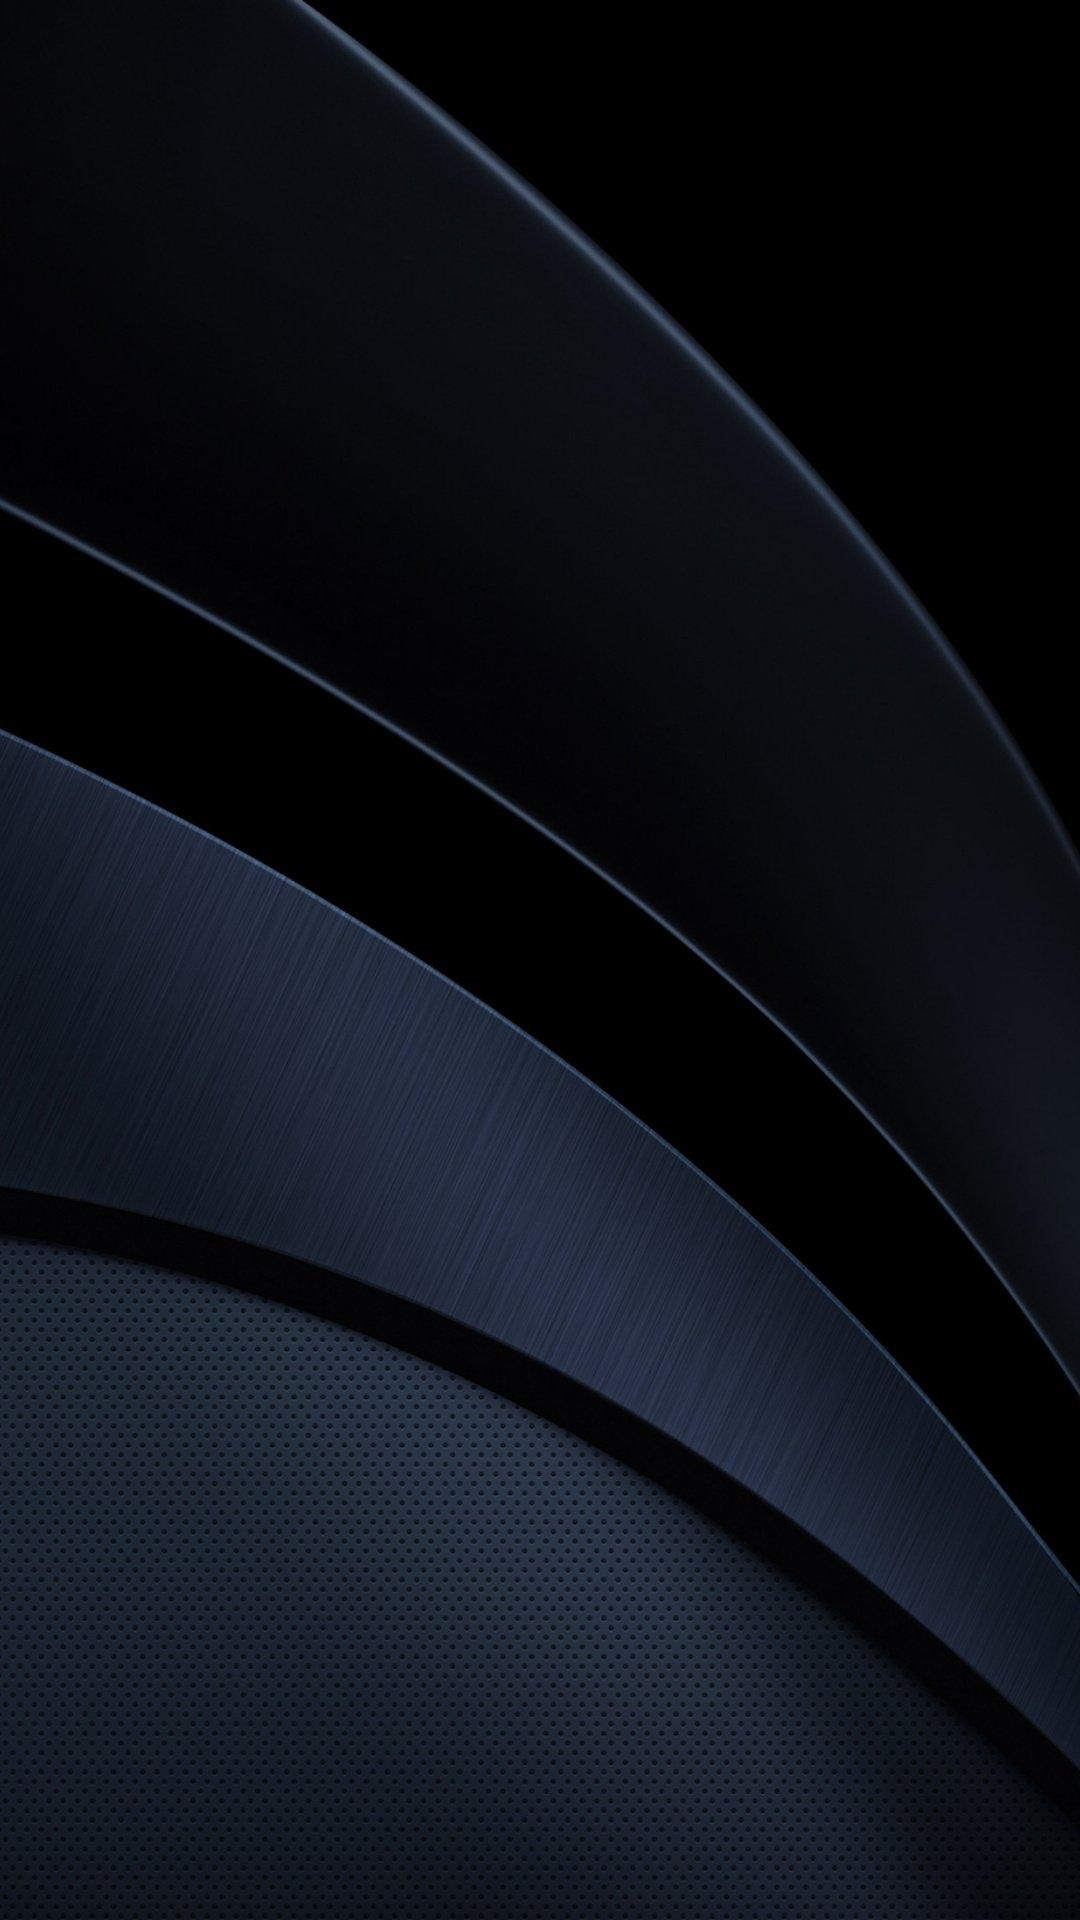 خلفيات سوداء للجوال Hd مربع